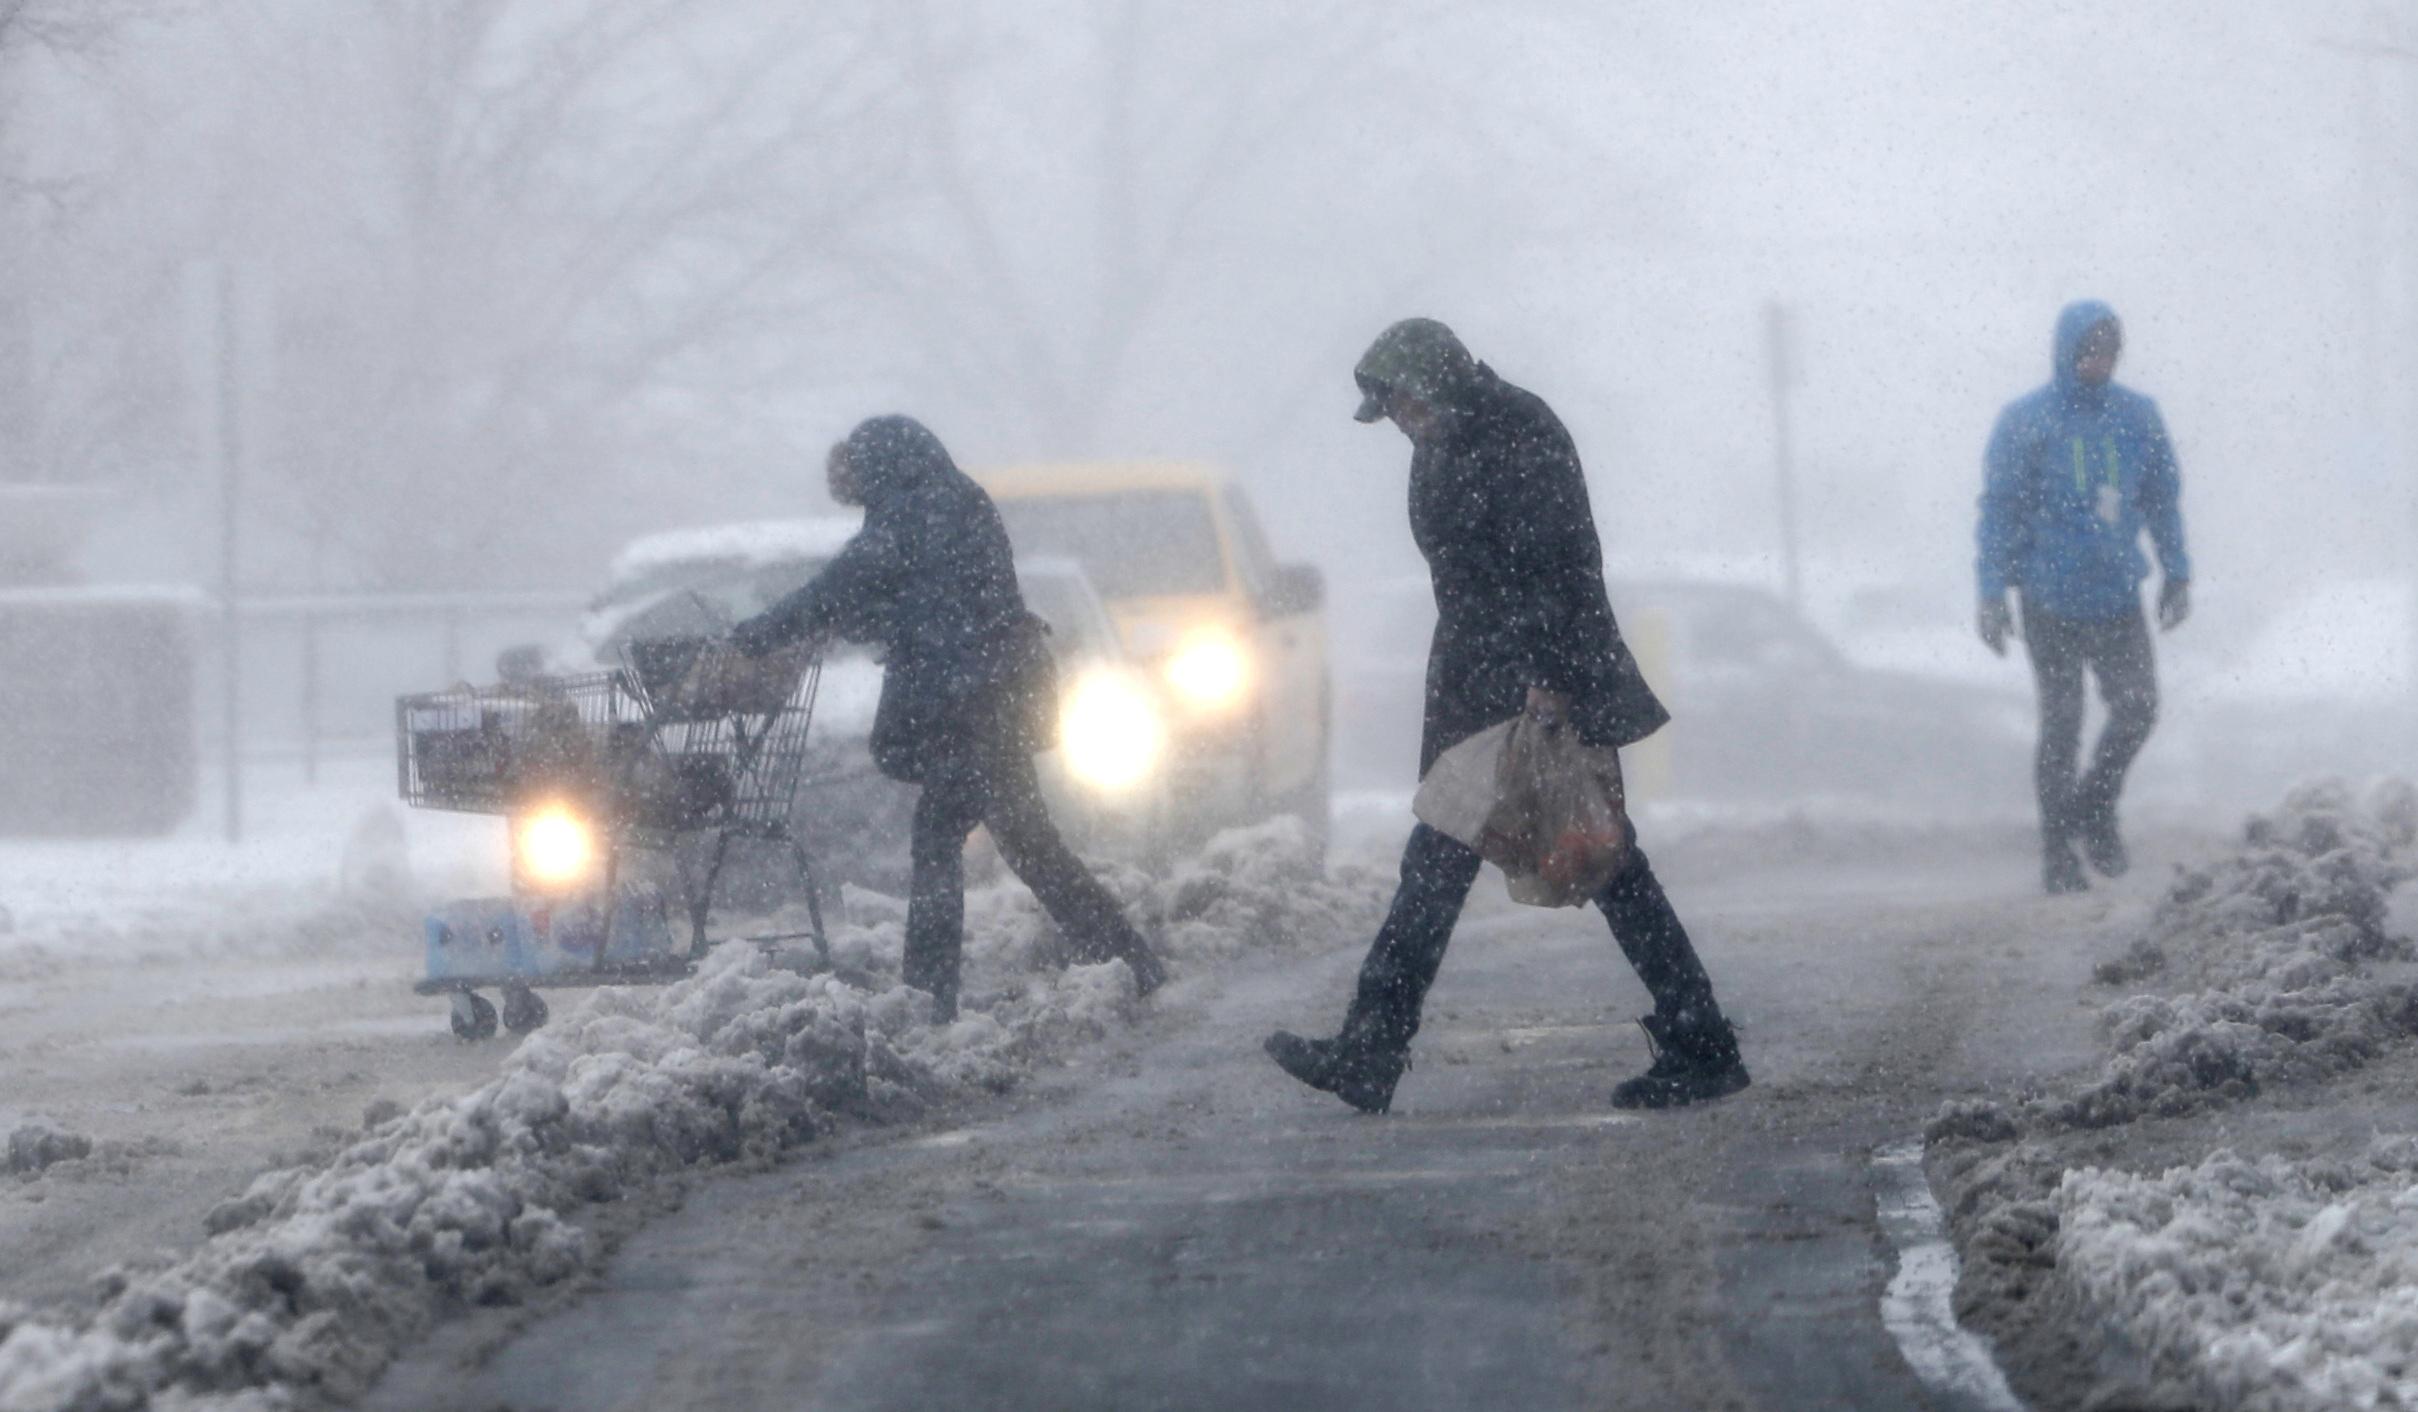 Compradores luchan por regresar a los vehículos estacionados afuera de una tienda de comestibles mientras la tormenta de invierno azota Denver.